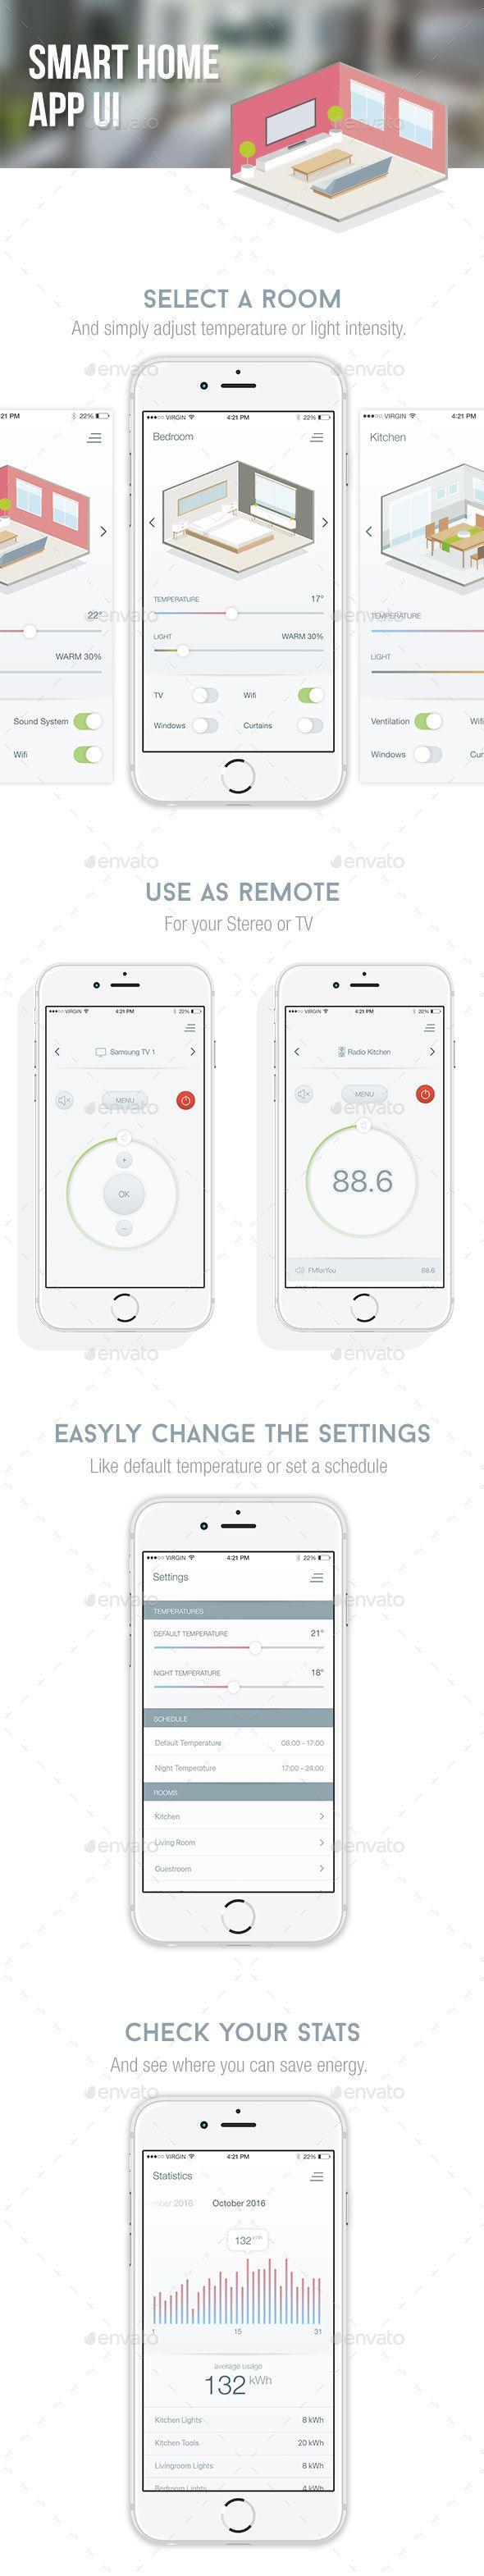 Smart Home App UI — Photoshop PSD #ui design #app • Download ➝ https://graphicriver.net/item/smart-home-app-ui/19070756?ref=pxcr